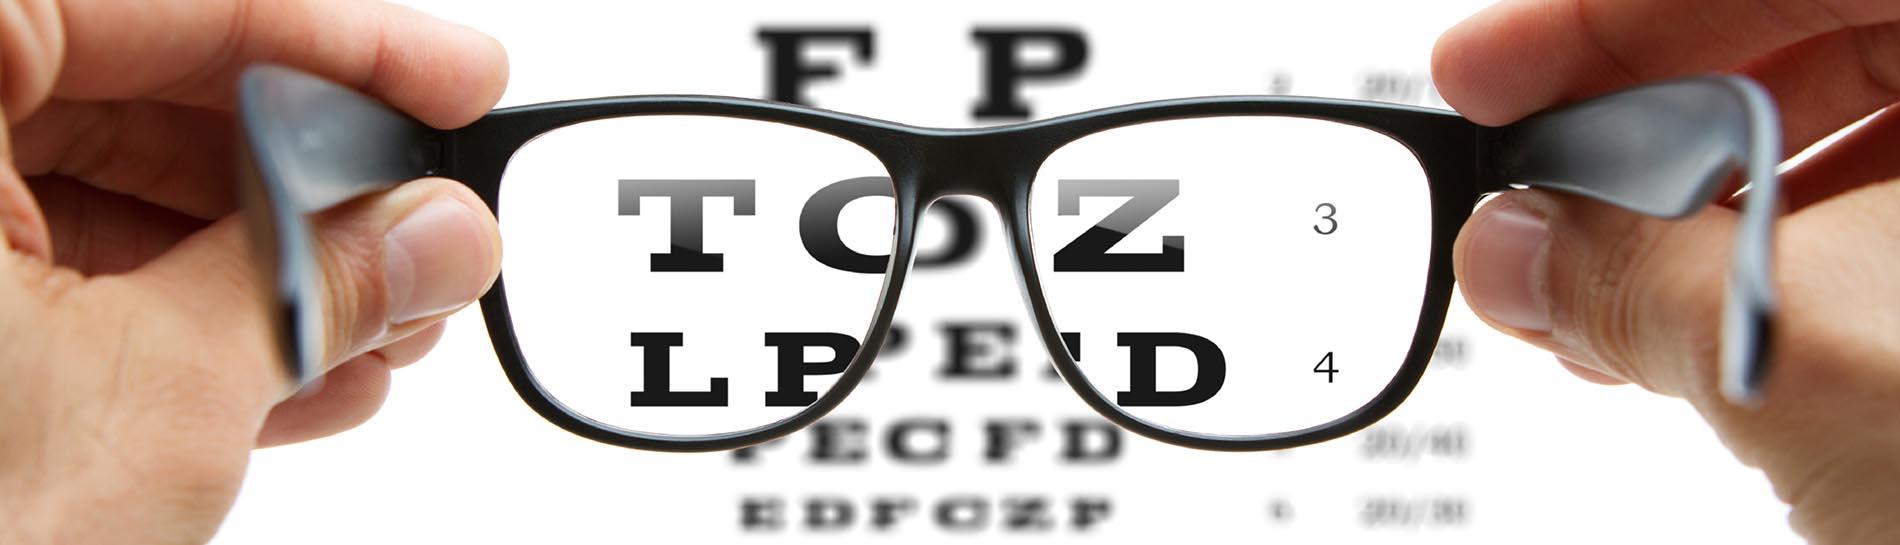 szemüveg látásjavítás veleszületett asztigmatizmus hyperopia